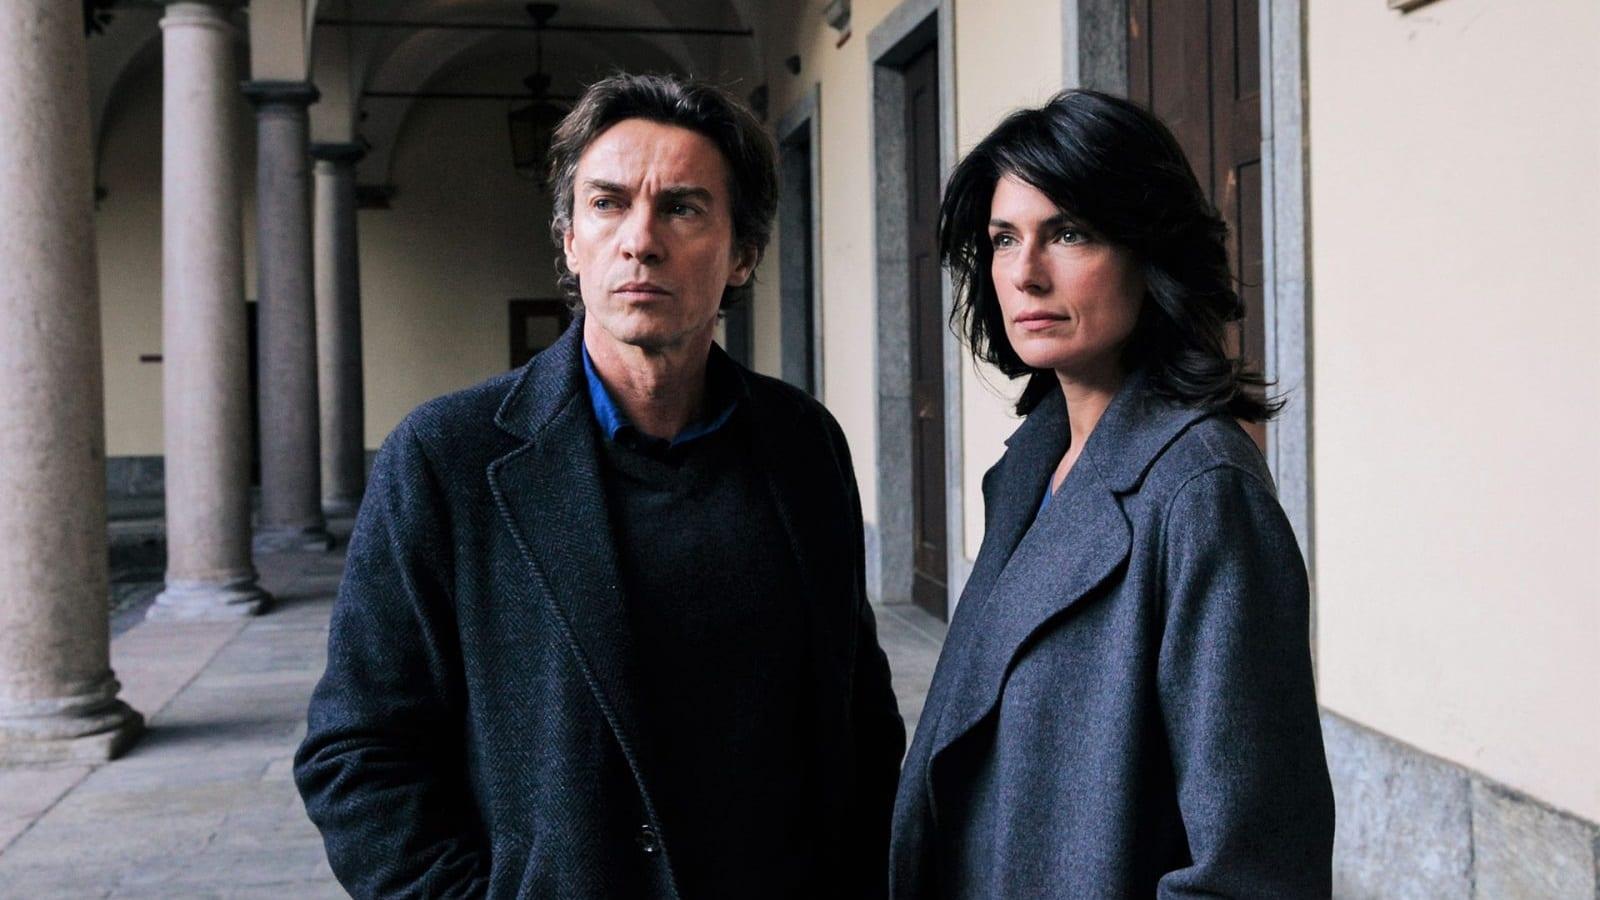 Fiction Club · La Compagnia del Cigno 2 quarto appuntamento. Con Alessio Boni ed Anna Valle, in prima visione assoluta, in prime time su RaiUno